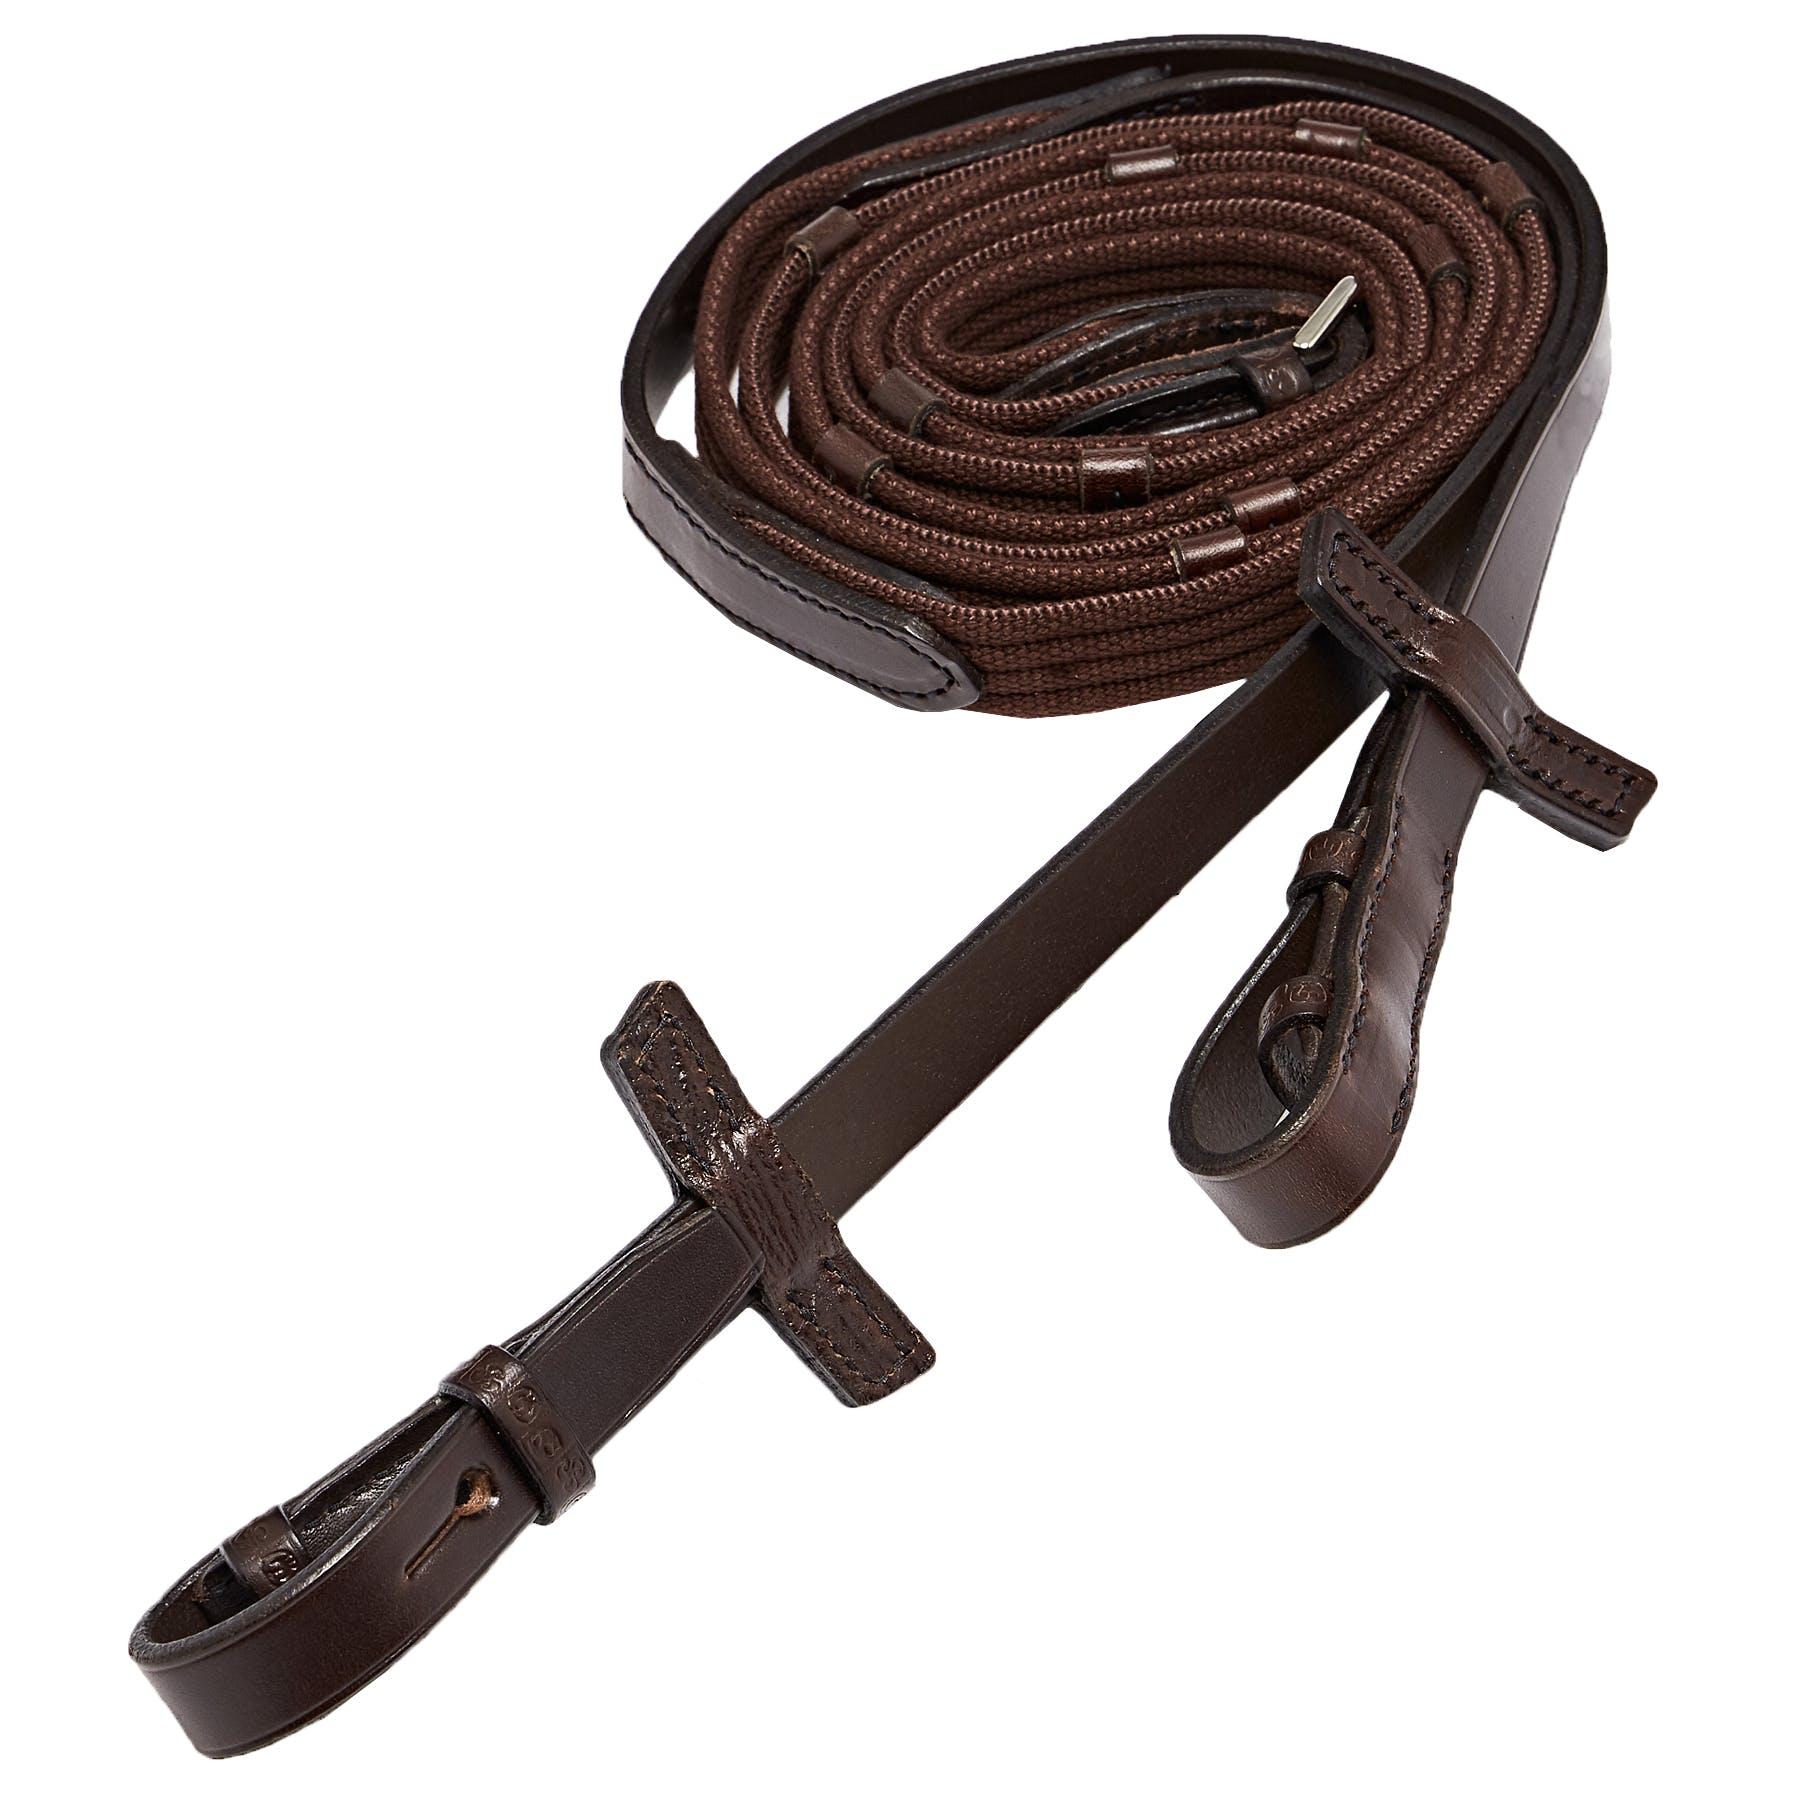 Details about  /Stubben Leather Without Elastic Unisex Saddlery Girths Ebony All Sizes